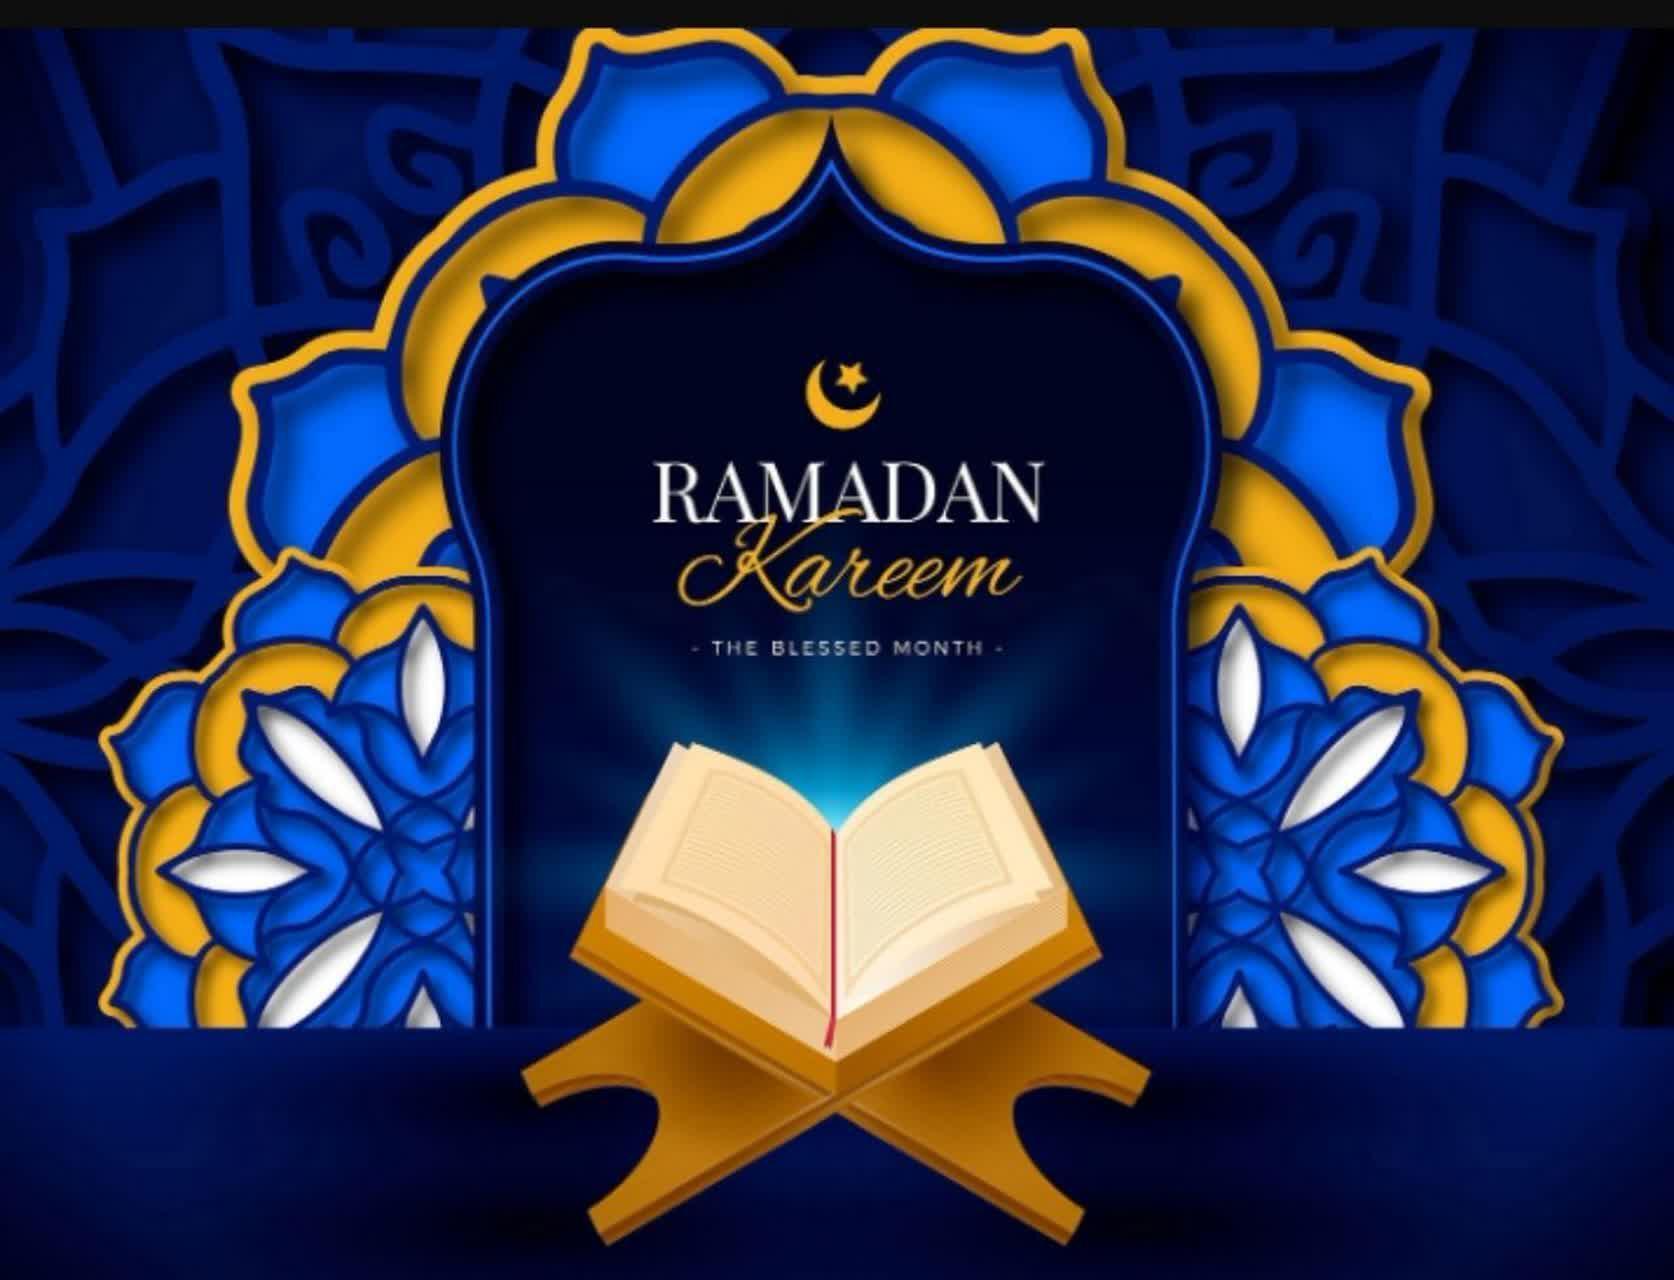 زیباترین تصاویر ماه رمضان